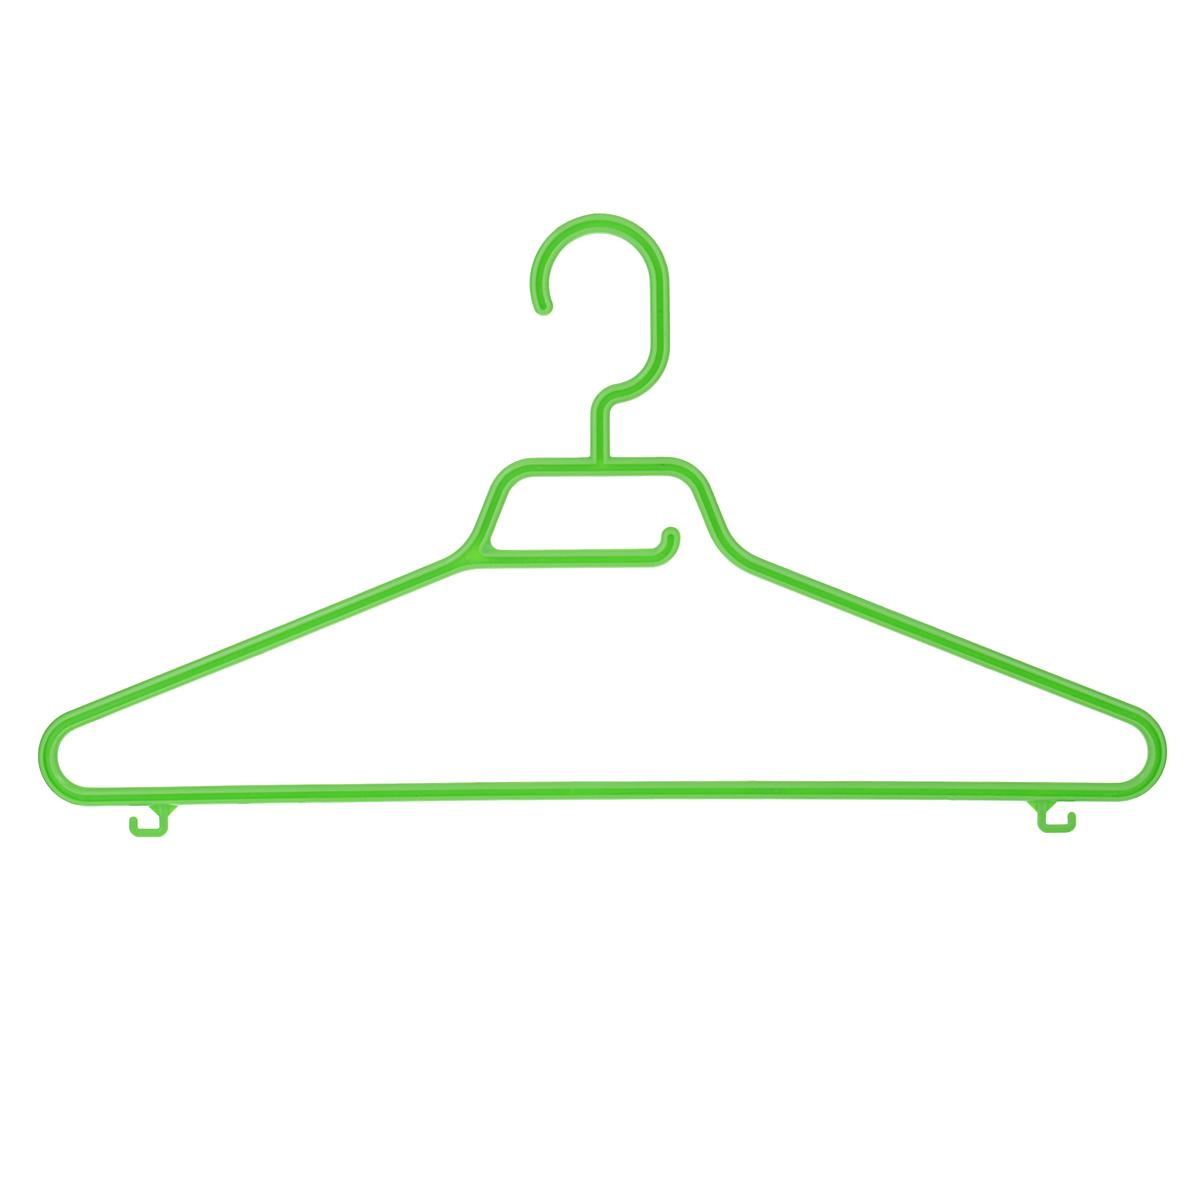 Вешалка М-пластика Лайт, цвет: салатовыйМ 2206Вешалка М-пластика Лайт выполнена из прочного пластика. Изделие оснащено перекладиной и тремя крючками. Вешалка - это незаменимая вещь для того, чтобы ваша одежда всегда оставалась в хорошем состоянии.